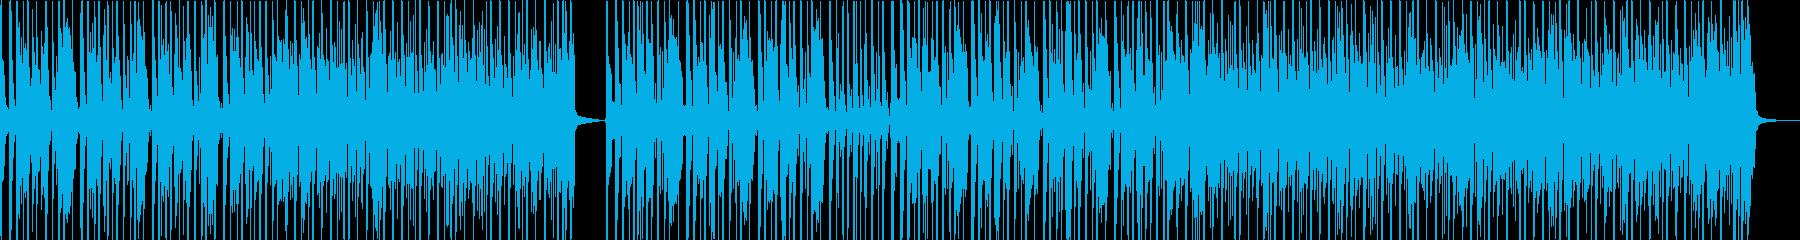 軽快なサイケ・ロック・ポップの再生済みの波形